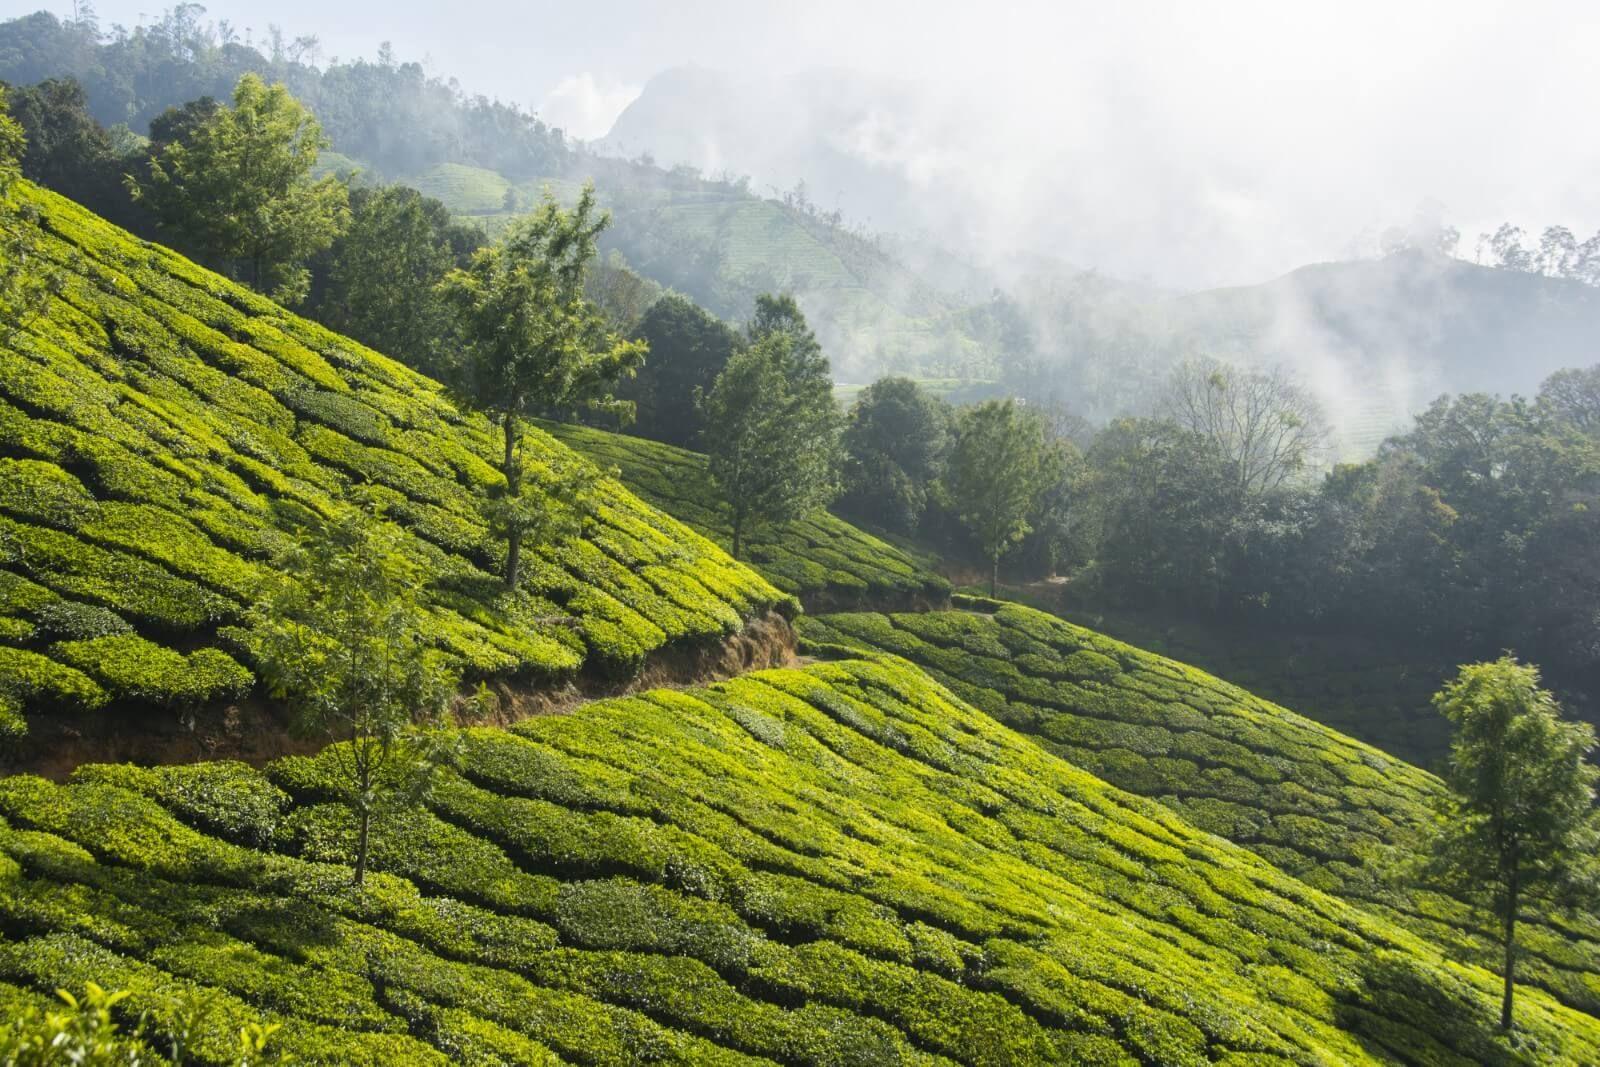 cc69788edb58e689b8842a90afe913ea - Things To Do In Tea Gardens